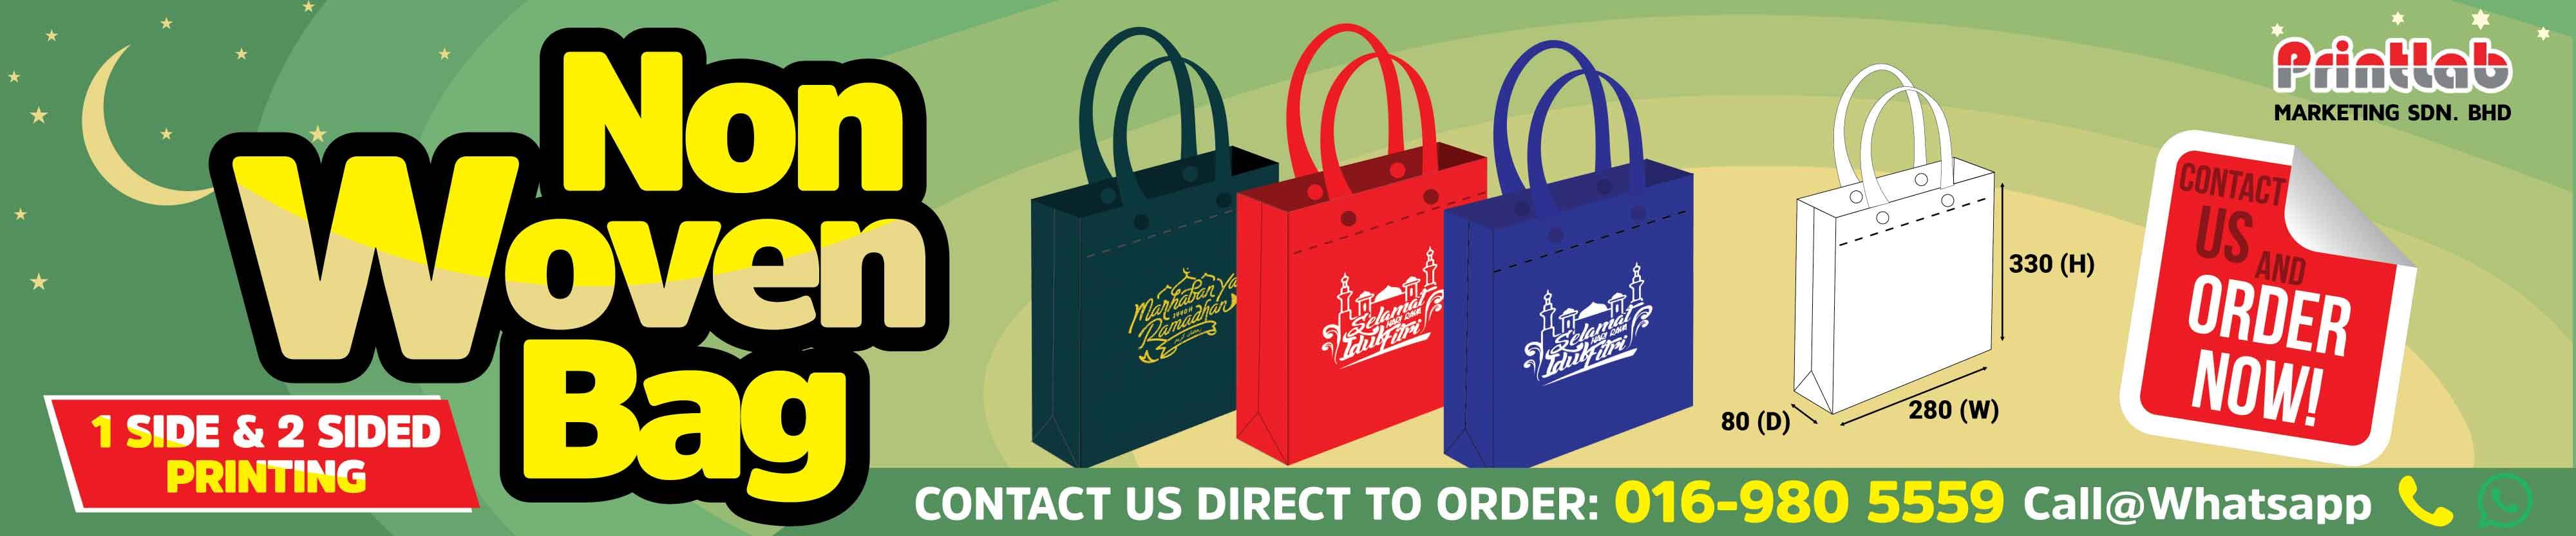 Printlab Design and Print Non Woven Bag or Recycle Bag Printing in Malaysia Reka Bentuk dan Cetak atau Percetakan Beg Kitar S